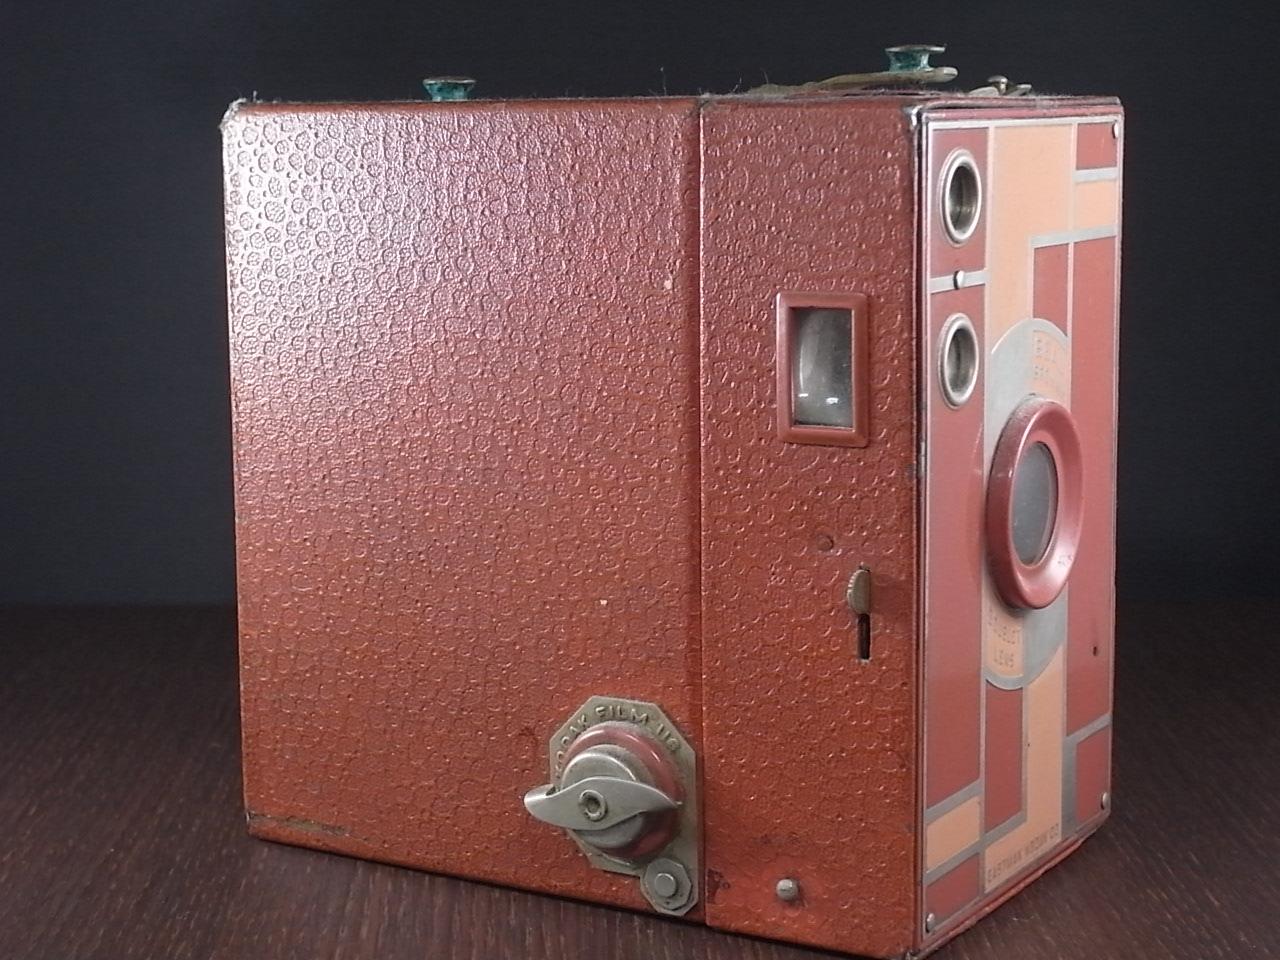 コダック No.2A ブローニー アールデコカメラ ローズの写真2枚目